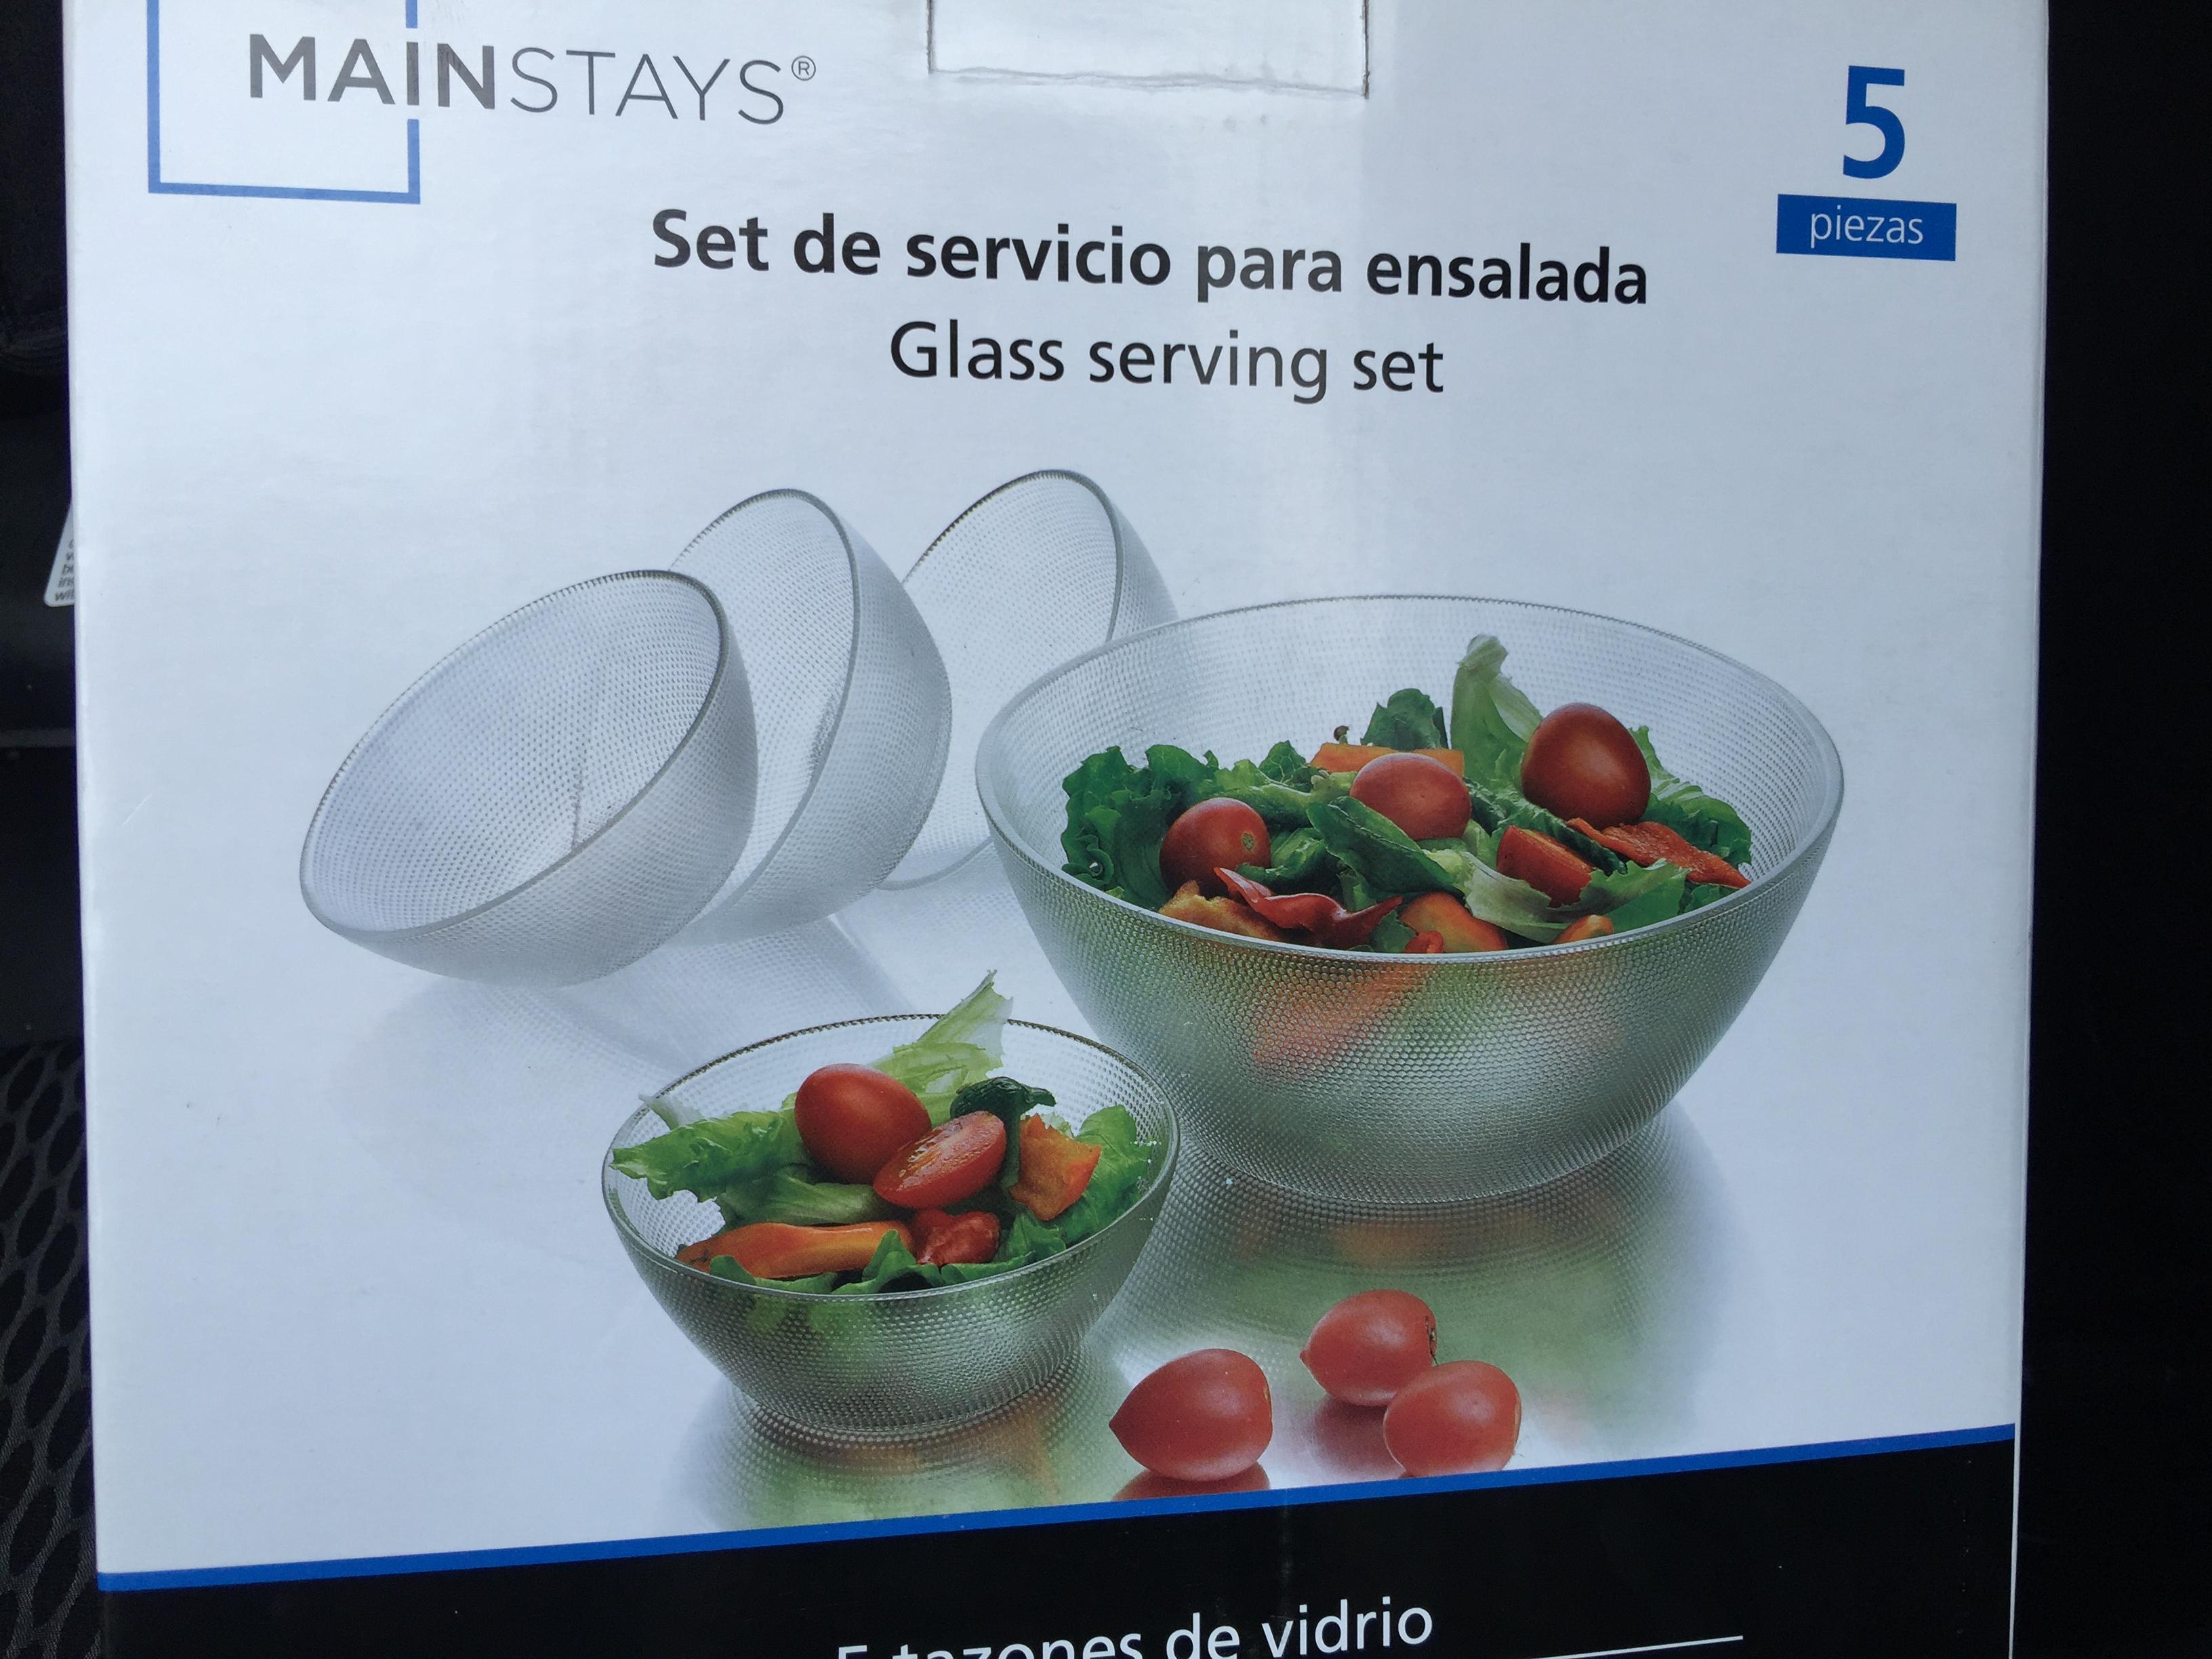 Bodega Aurrerá: liquidación de brassiere Rosy a 10.02, set de ensalada para 4 a 45.01 y más